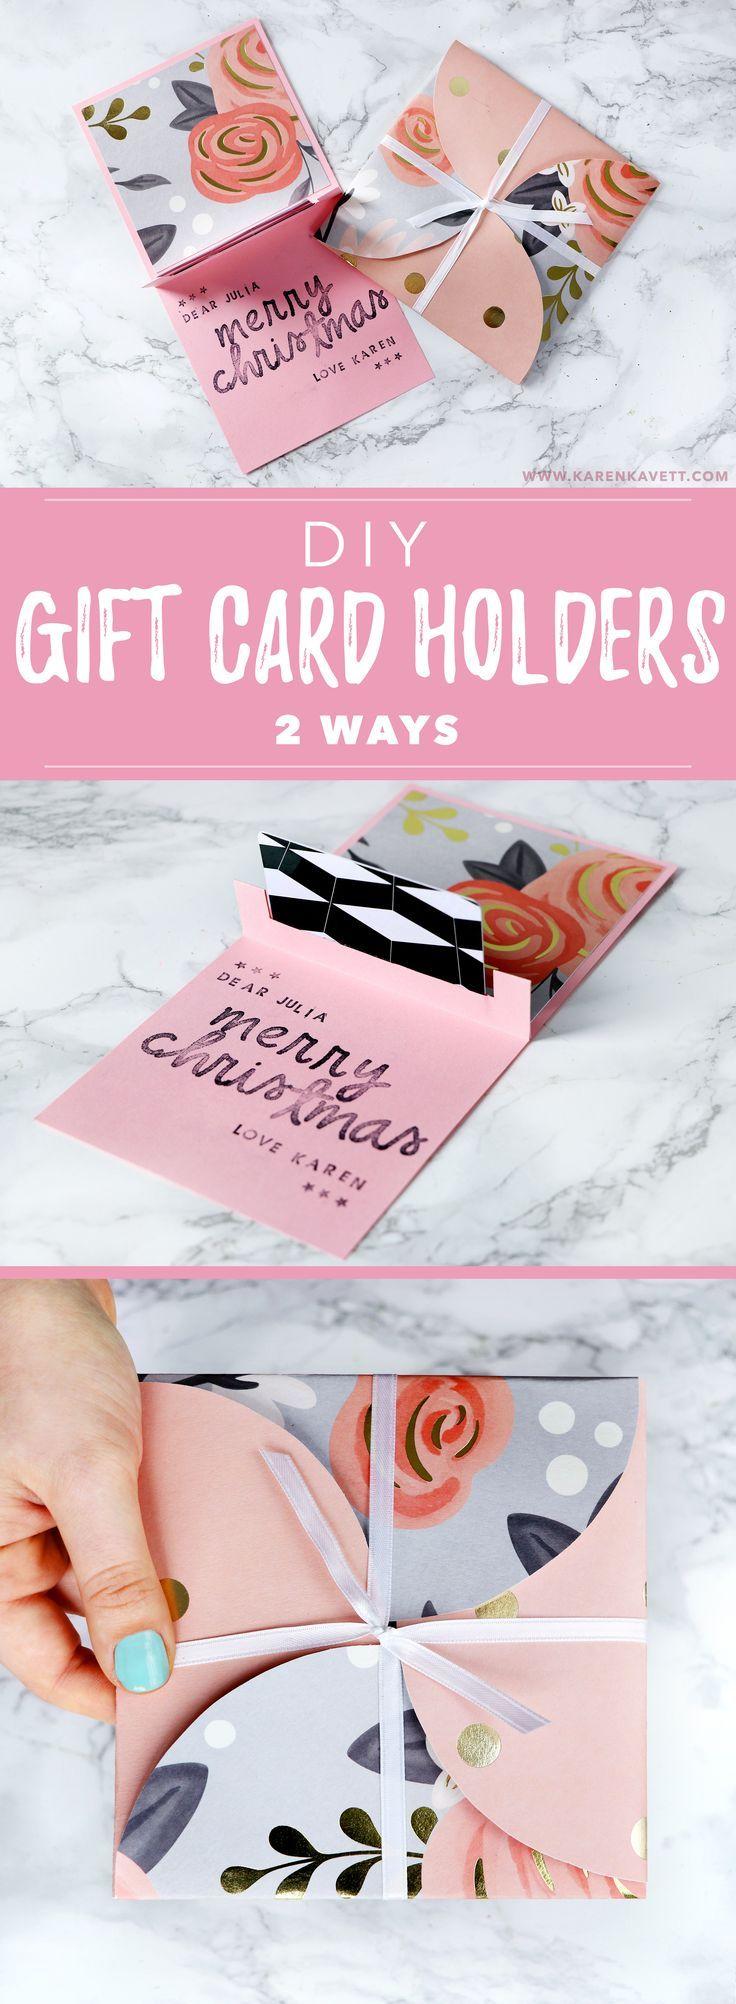 2 Easy DIY Gift Card Holders For Christmas Or Birthday Gifts!    /karenkavett/